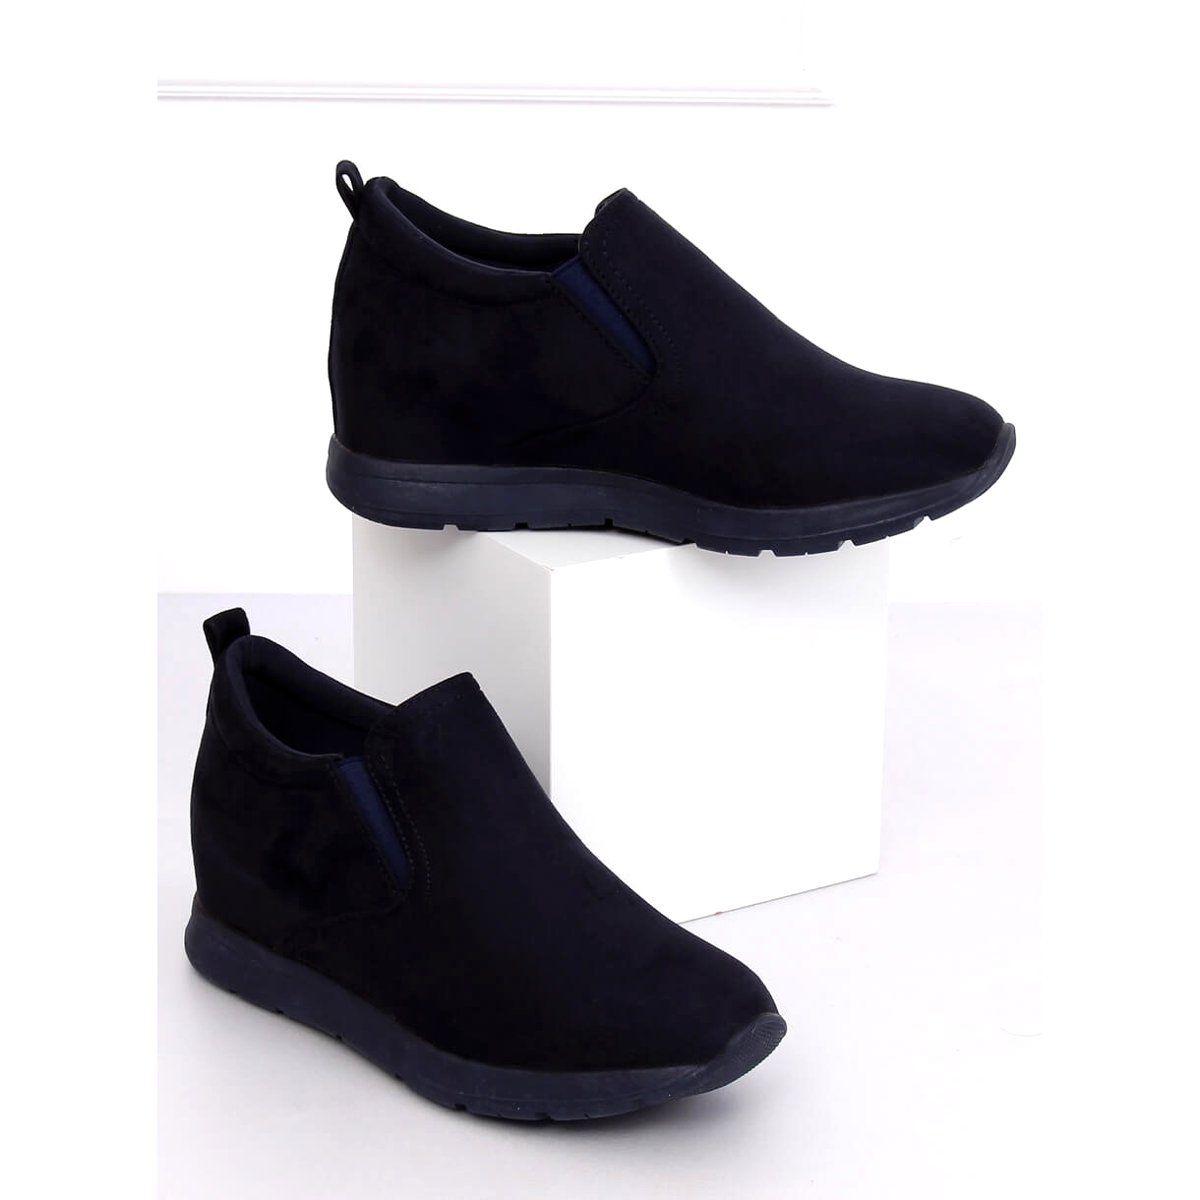 Polbuty Na Ukrytym Koturnie Granatowe Zy 7k67 Blue Shoes Slip On Sneaker Sneakers